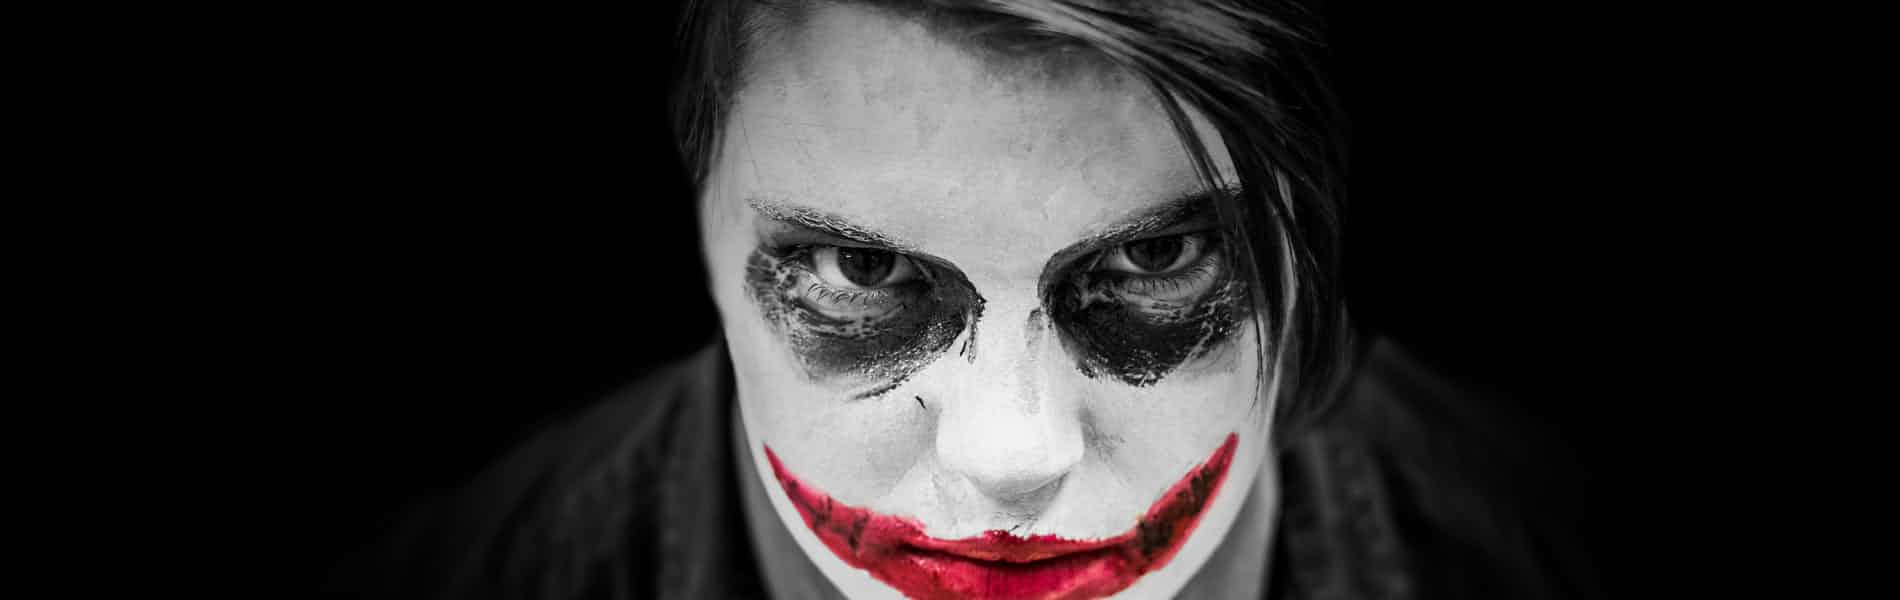 """""""מי שמביט בי מאחור לא יודע מי אני"""": ניתוח הסרט """"Joker"""""""